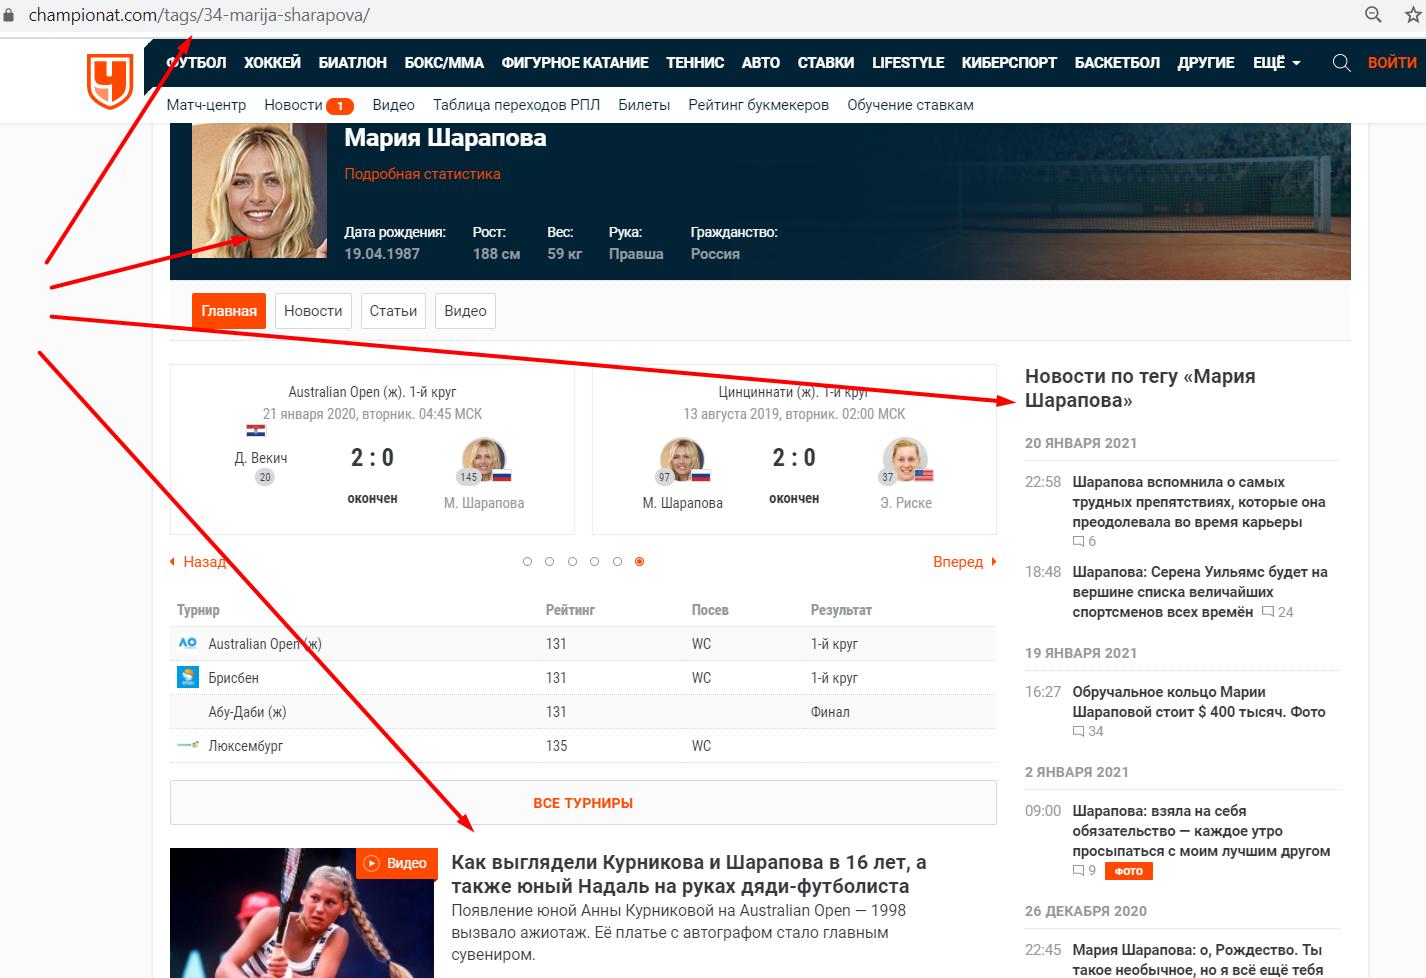 Пример тегирования на сайте новостей